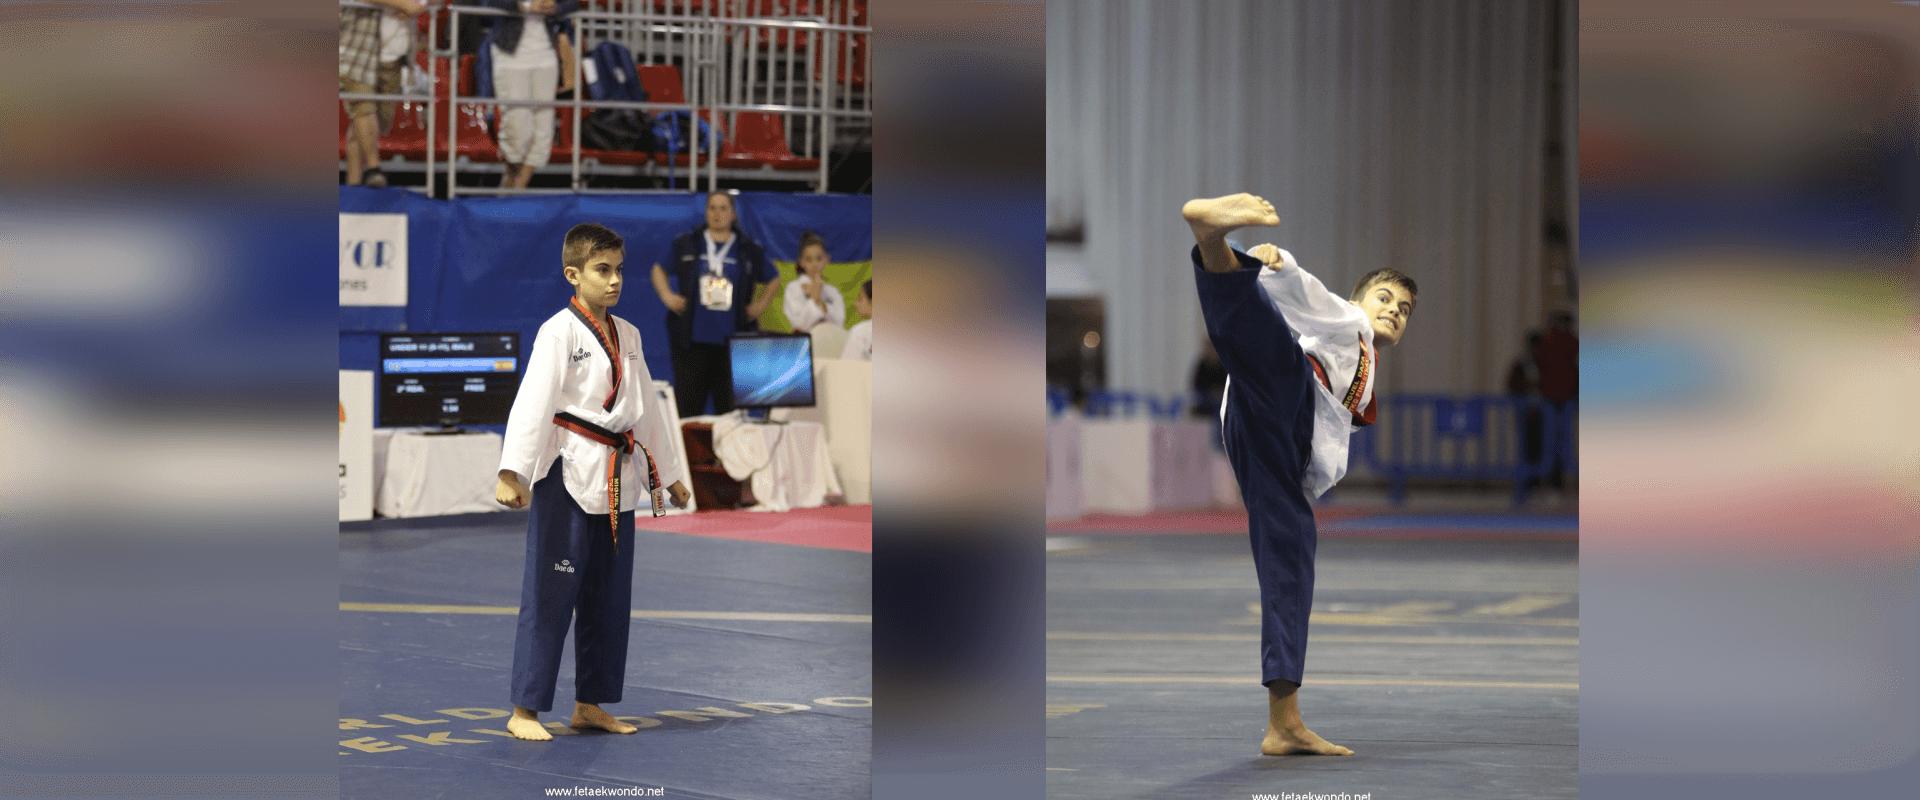 Competicion Poomsae Miguel